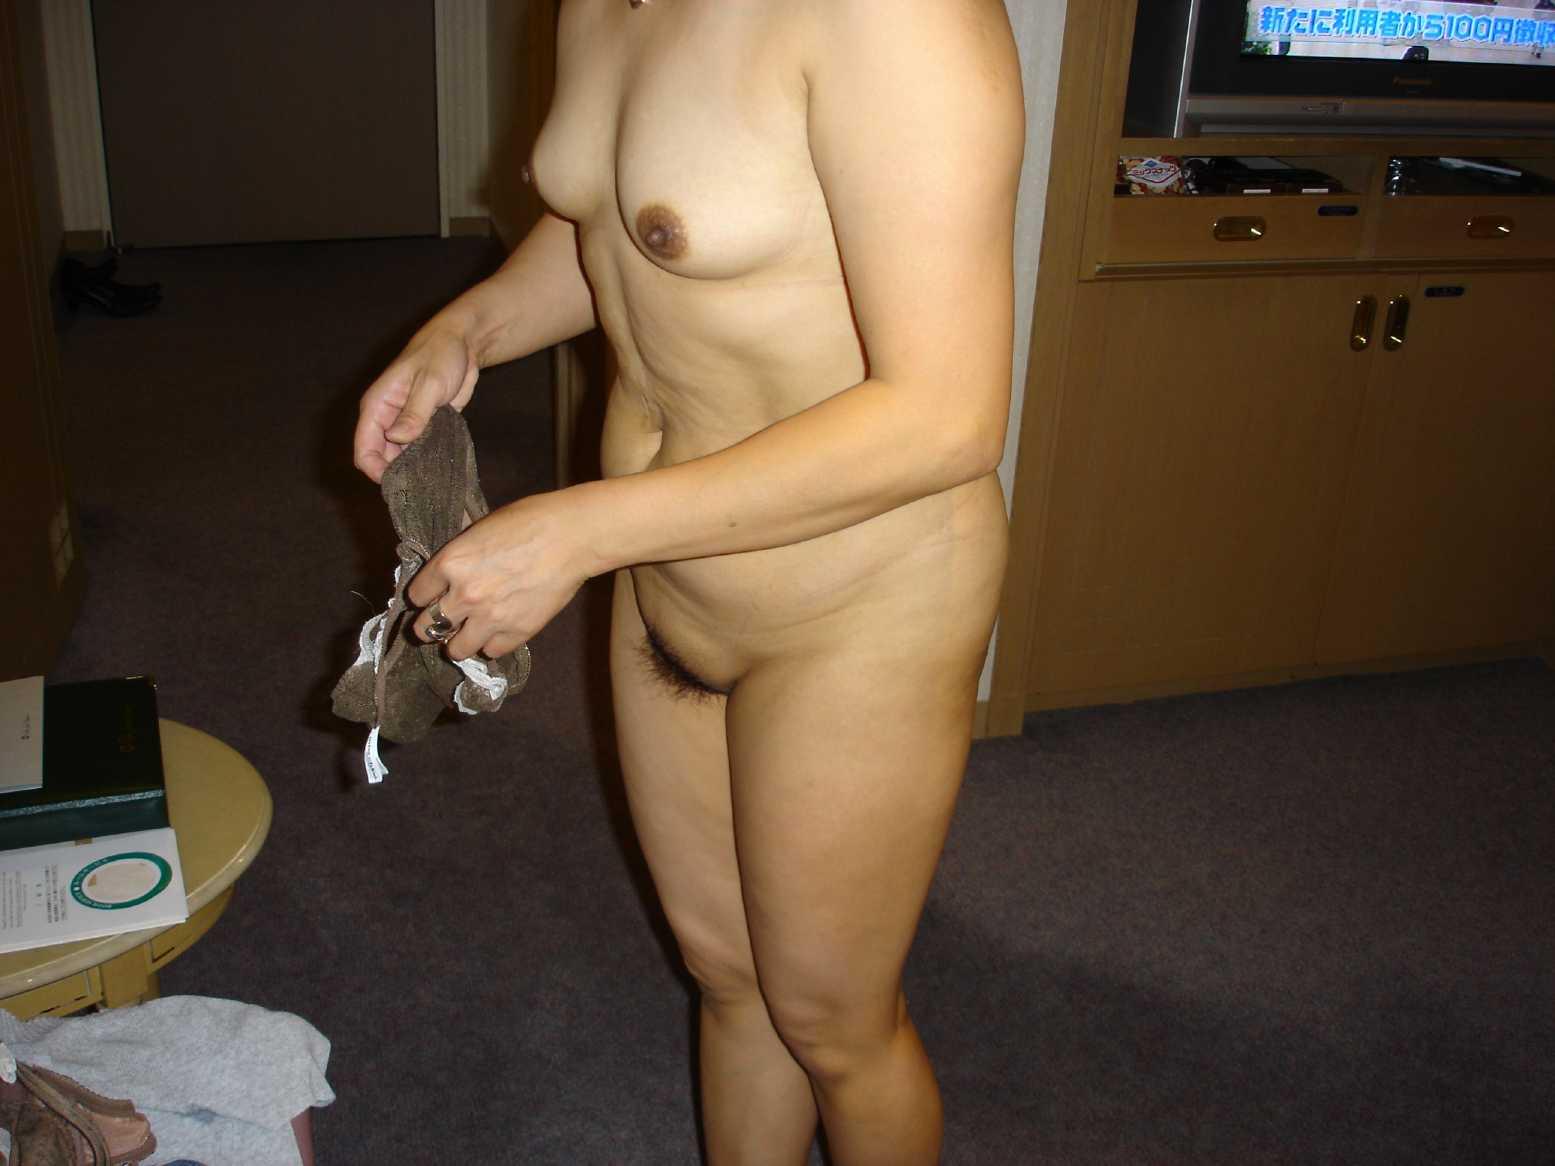 人妻系デリヘルで呼んだ熟女とセックス事後に撮影したエロ画像 2711